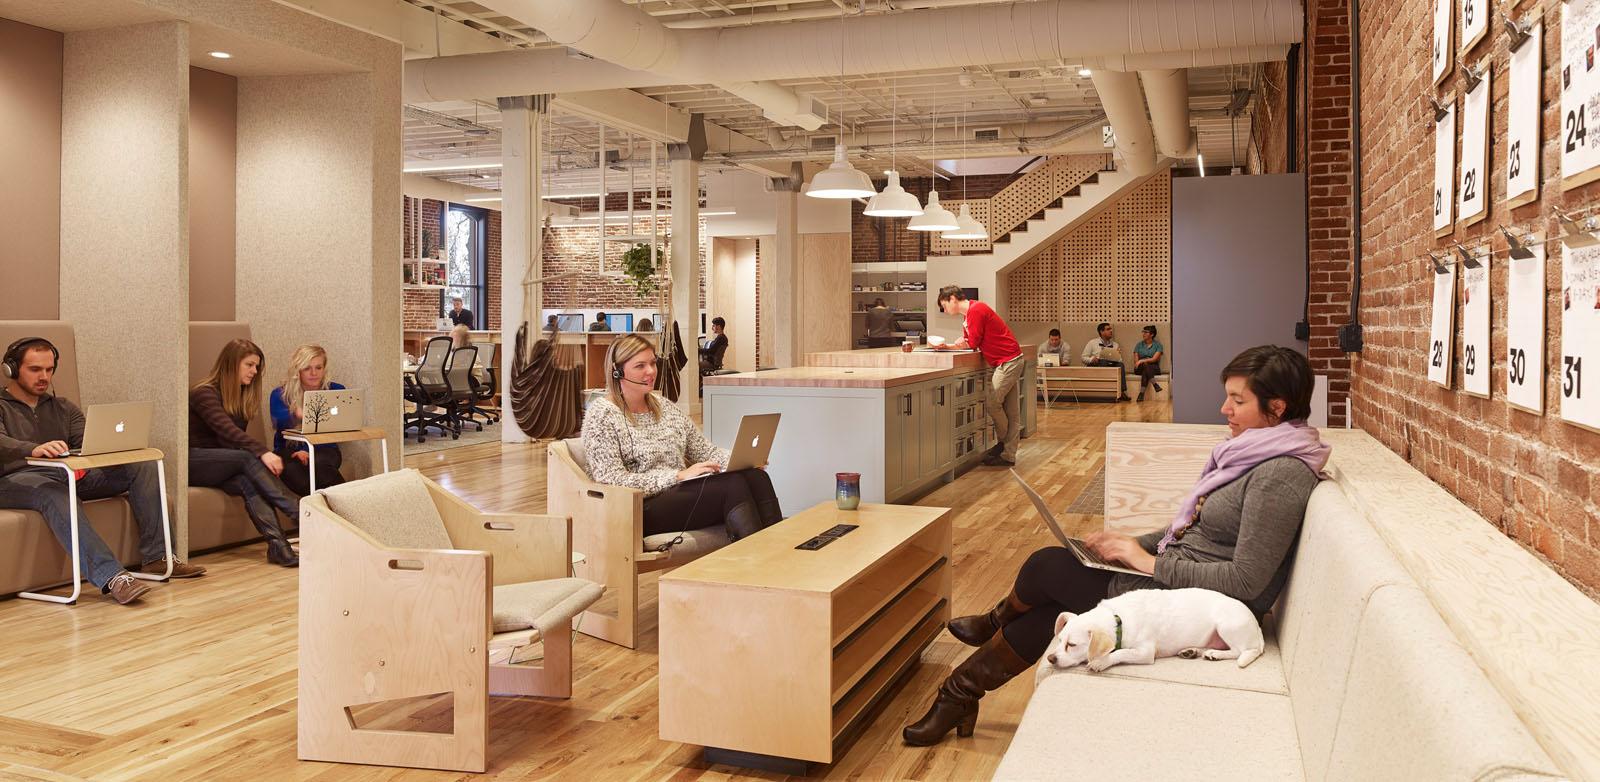 Airbnb CX Hub Phase I Bora